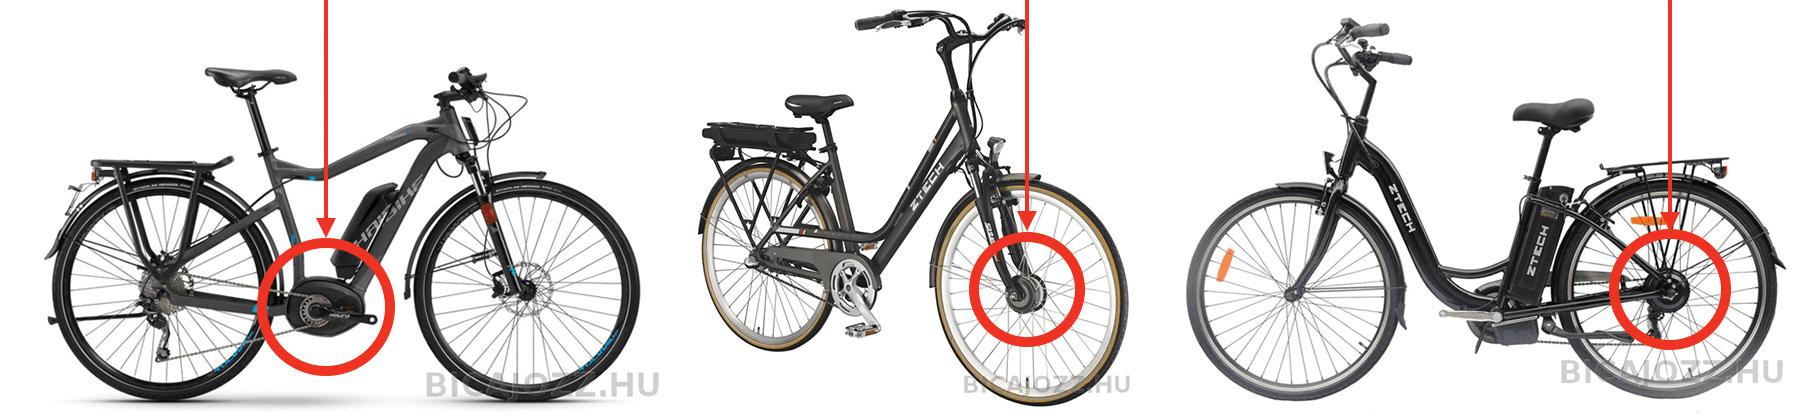 E bike használata